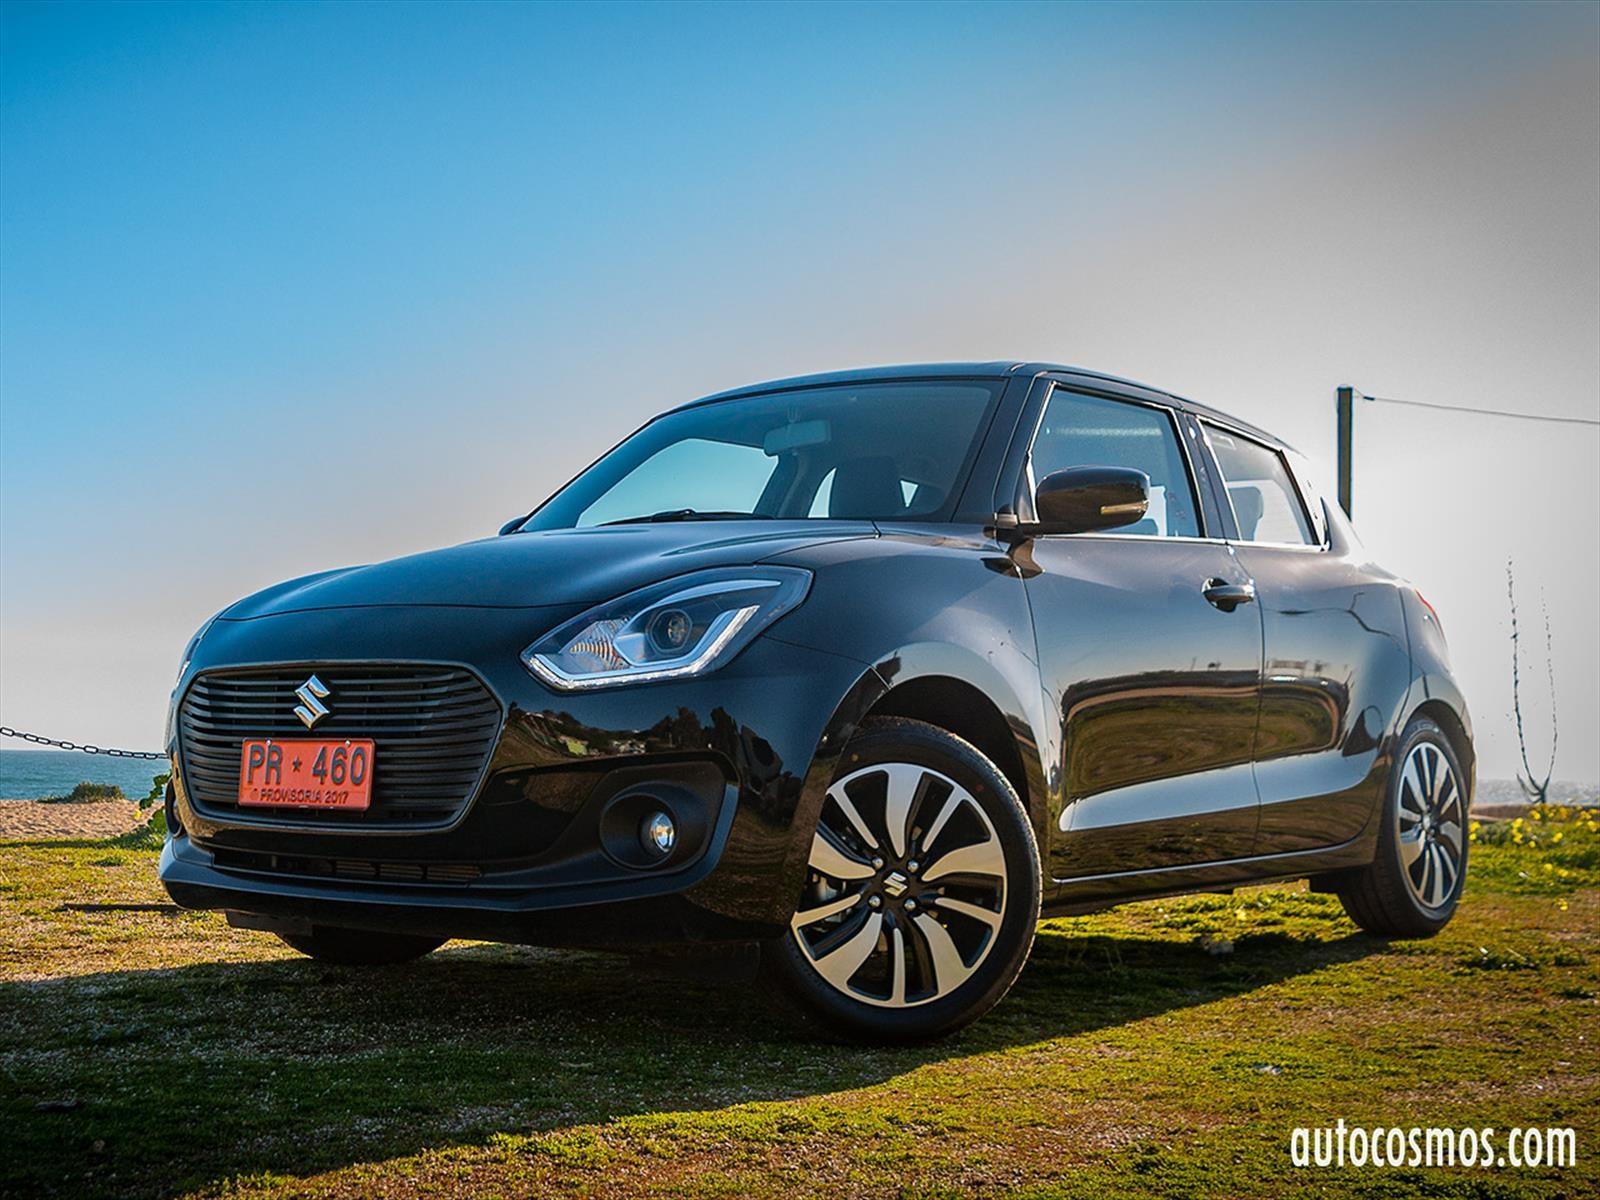 Suzuki Swift 2017 en Chile, completamente nuevo